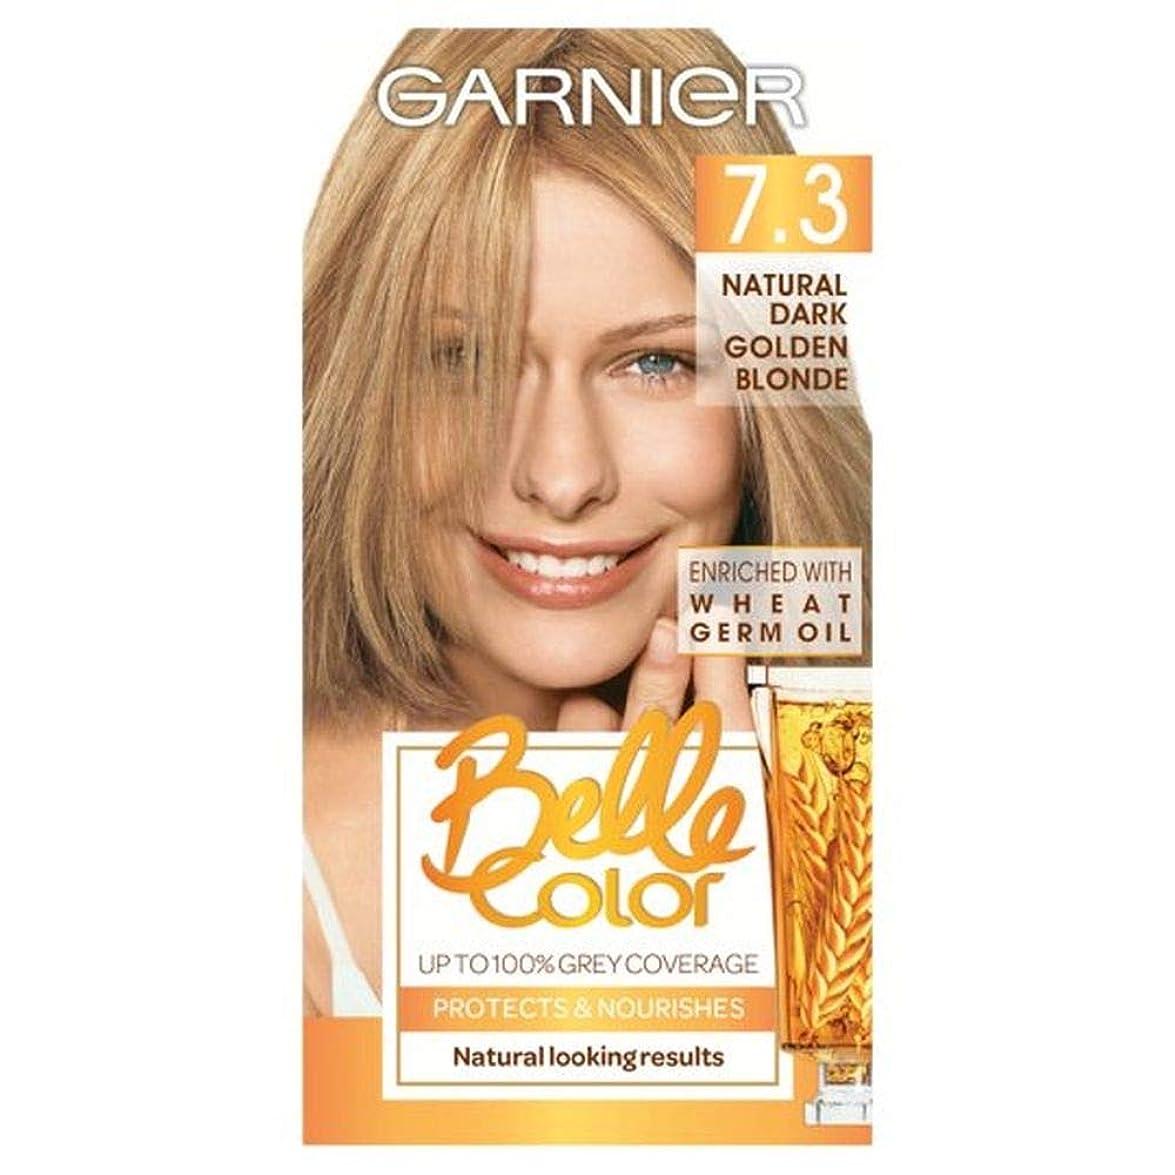 グリップにぎやか彼女[Belle Color] ガルニエベルカラー7.3暗い金色のブロンド - Garnier Belle Color 7.3 Dark Golden Blonde [並行輸入品]